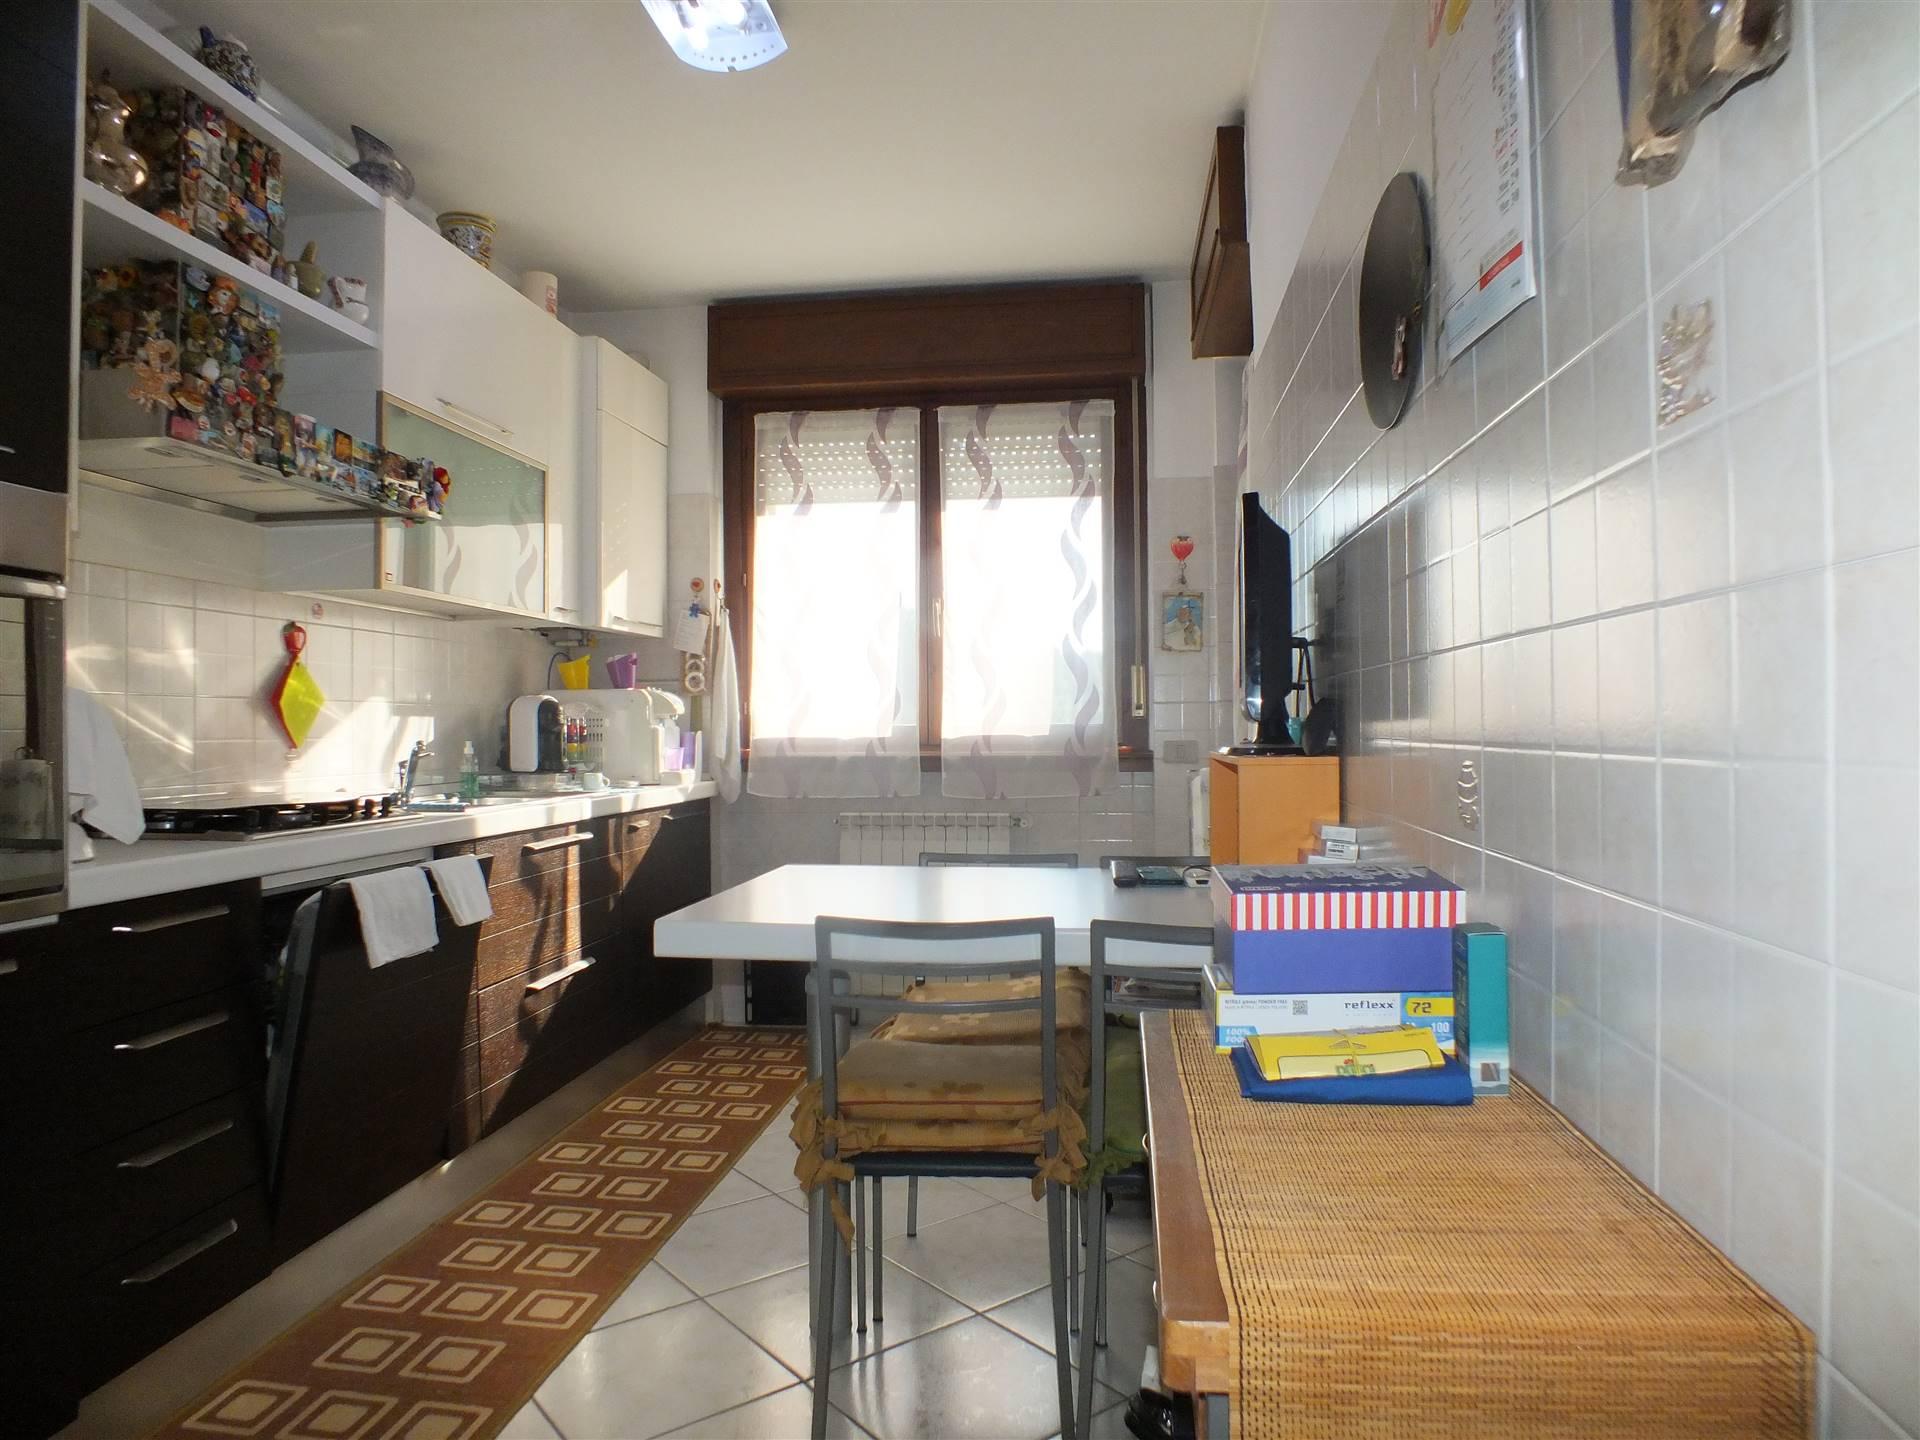 Appartamento in vendita a Melzo, 3 locali, zona Località: VENETO, prezzo € 243.000   PortaleAgenzieImmobiliari.it